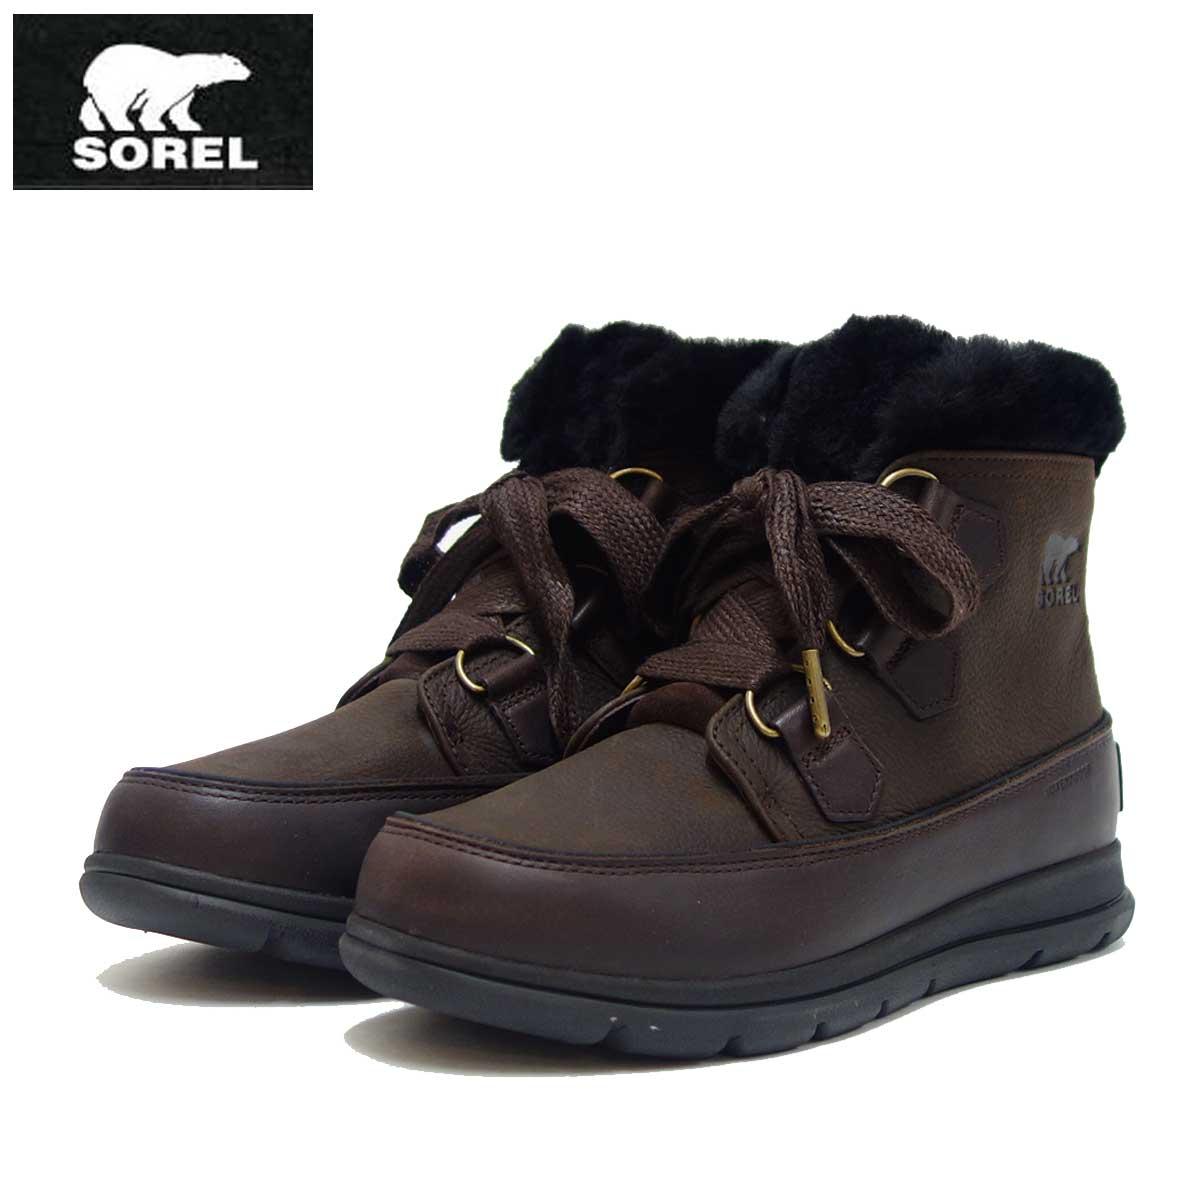 ソレル SOREL LL 5326(レディース) エクスプローラーラックス:CATTAIL (908) 防水・天然皮革ショートブーツ「靴」